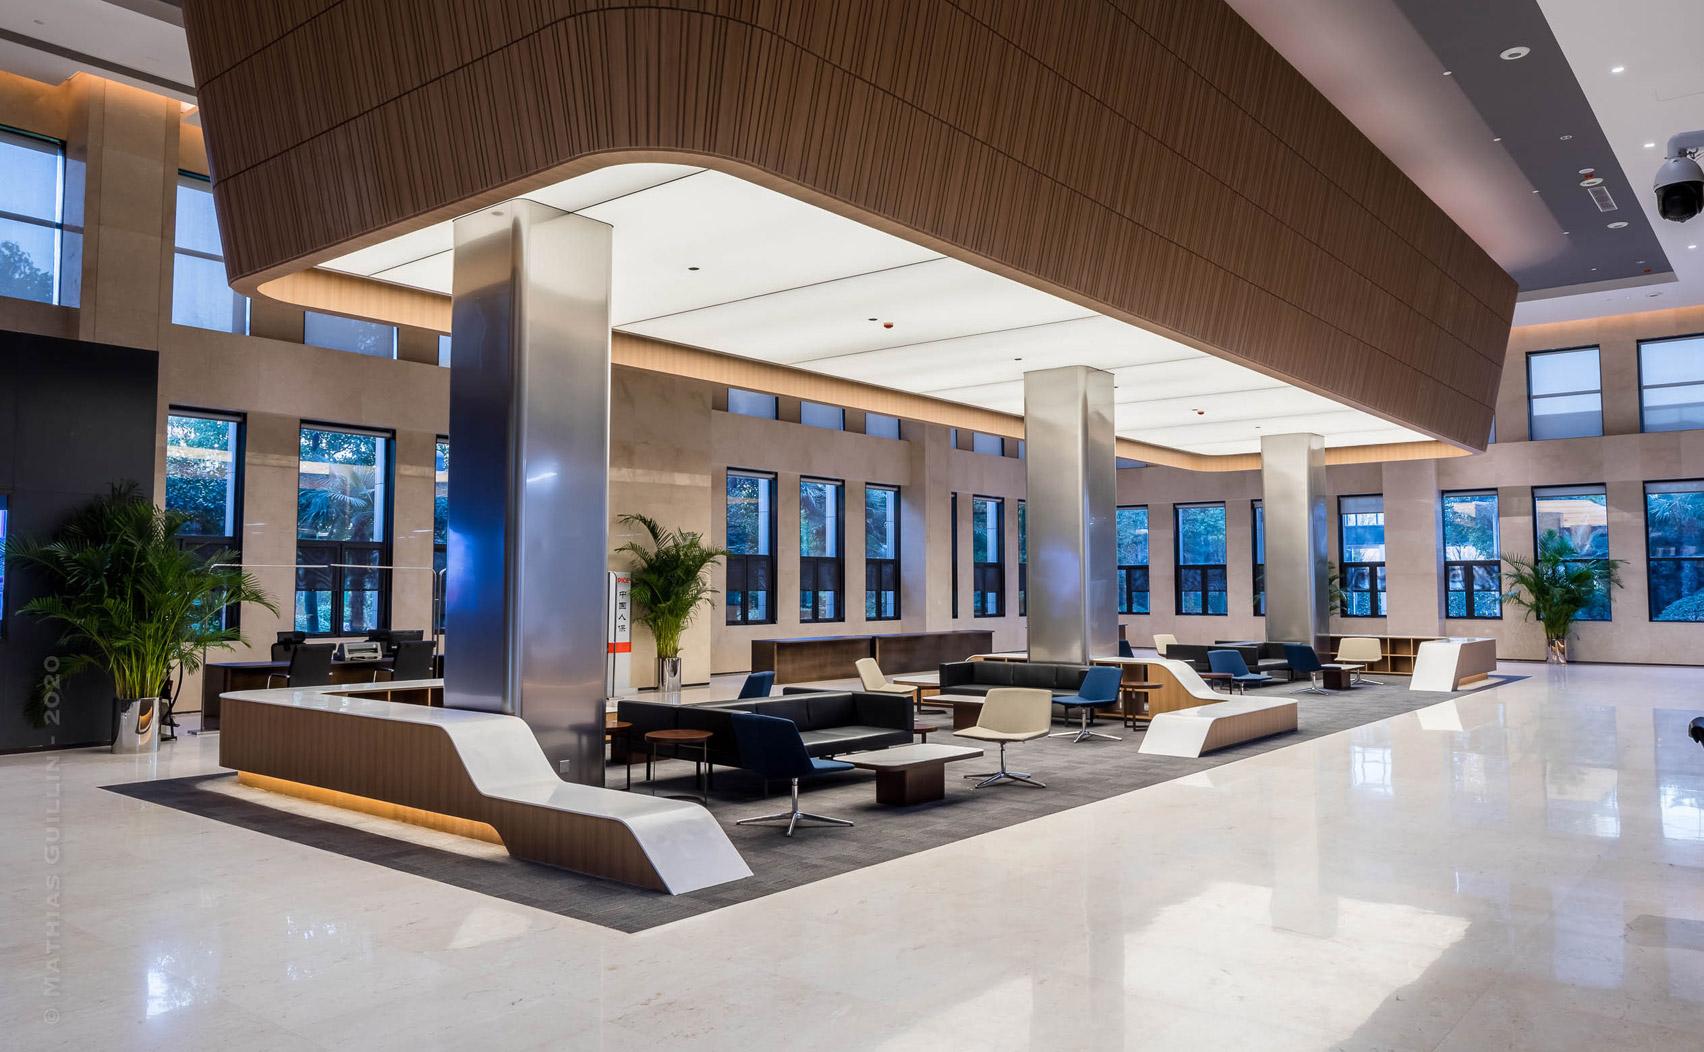 Financial Hall of Zhengzhou Yutong Bus headquarters by DU Studio